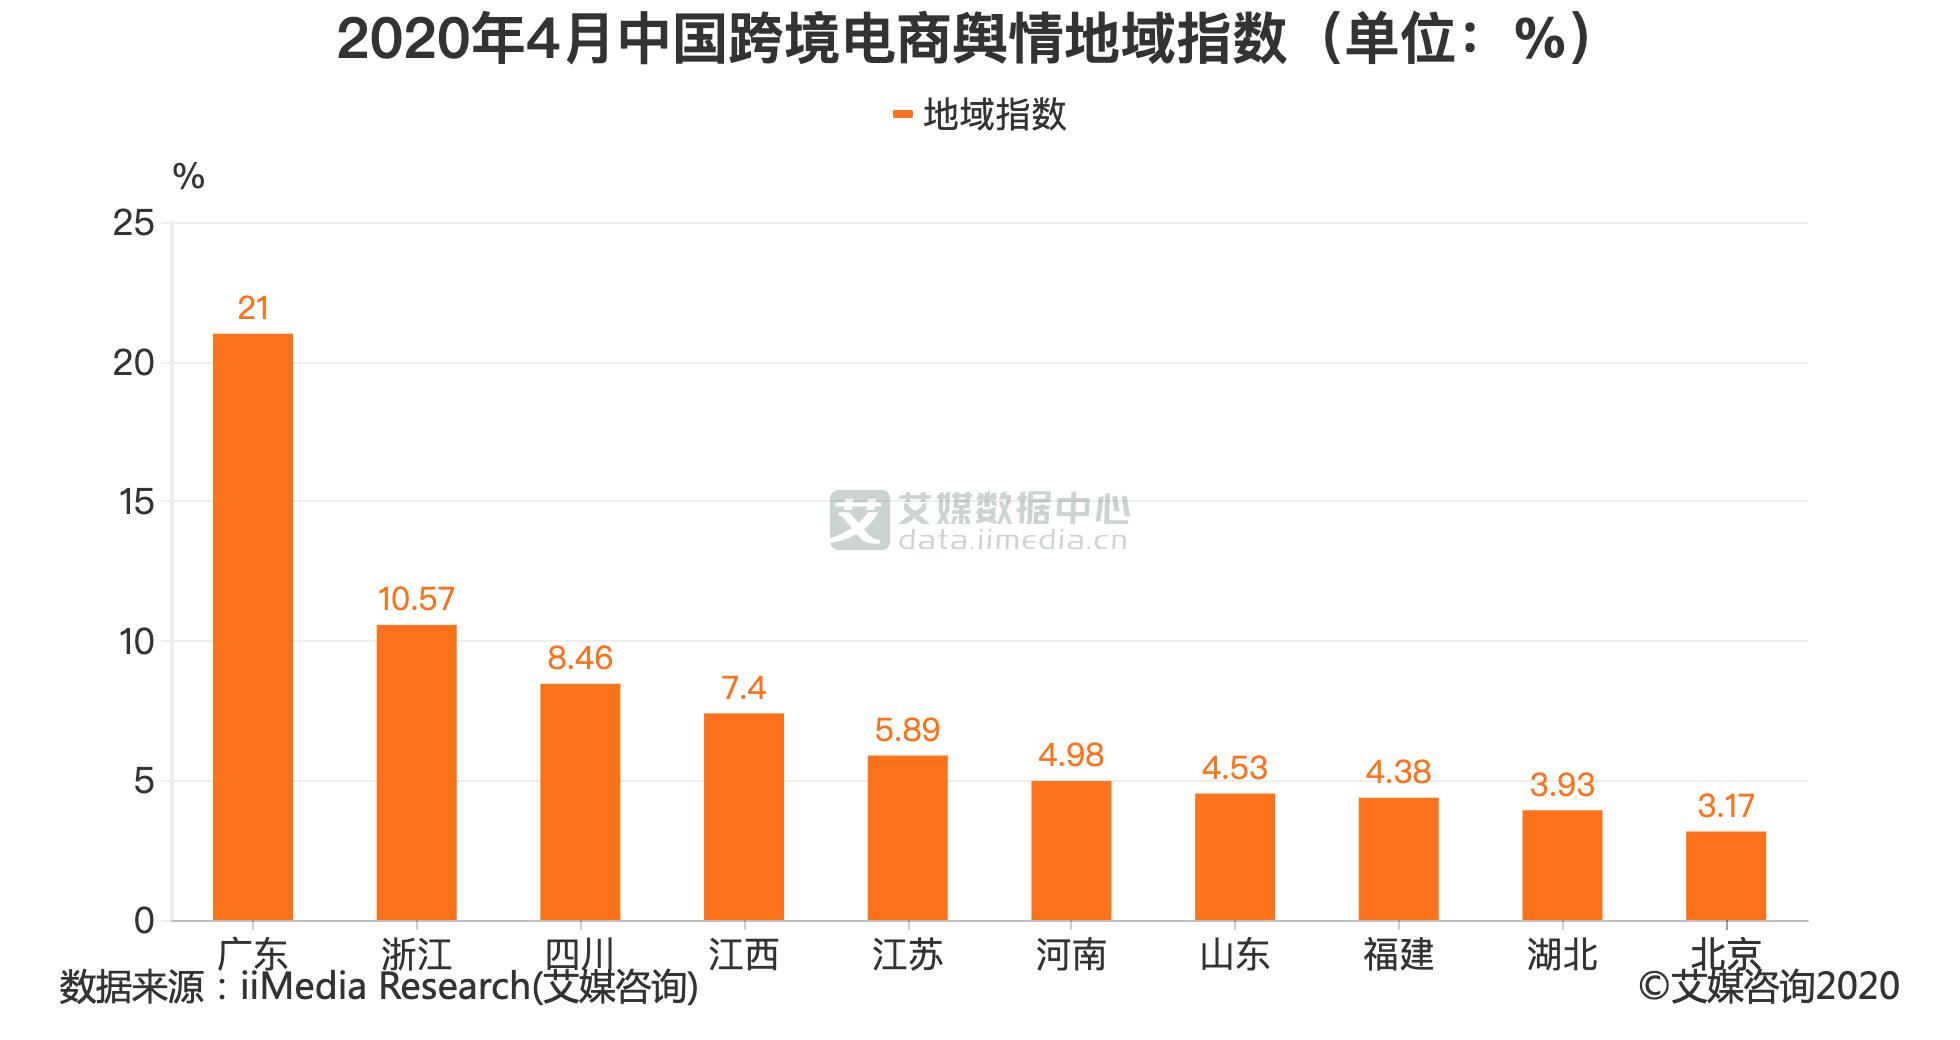 2020年4月中国跨境电商舆情地域指数(单位:%)